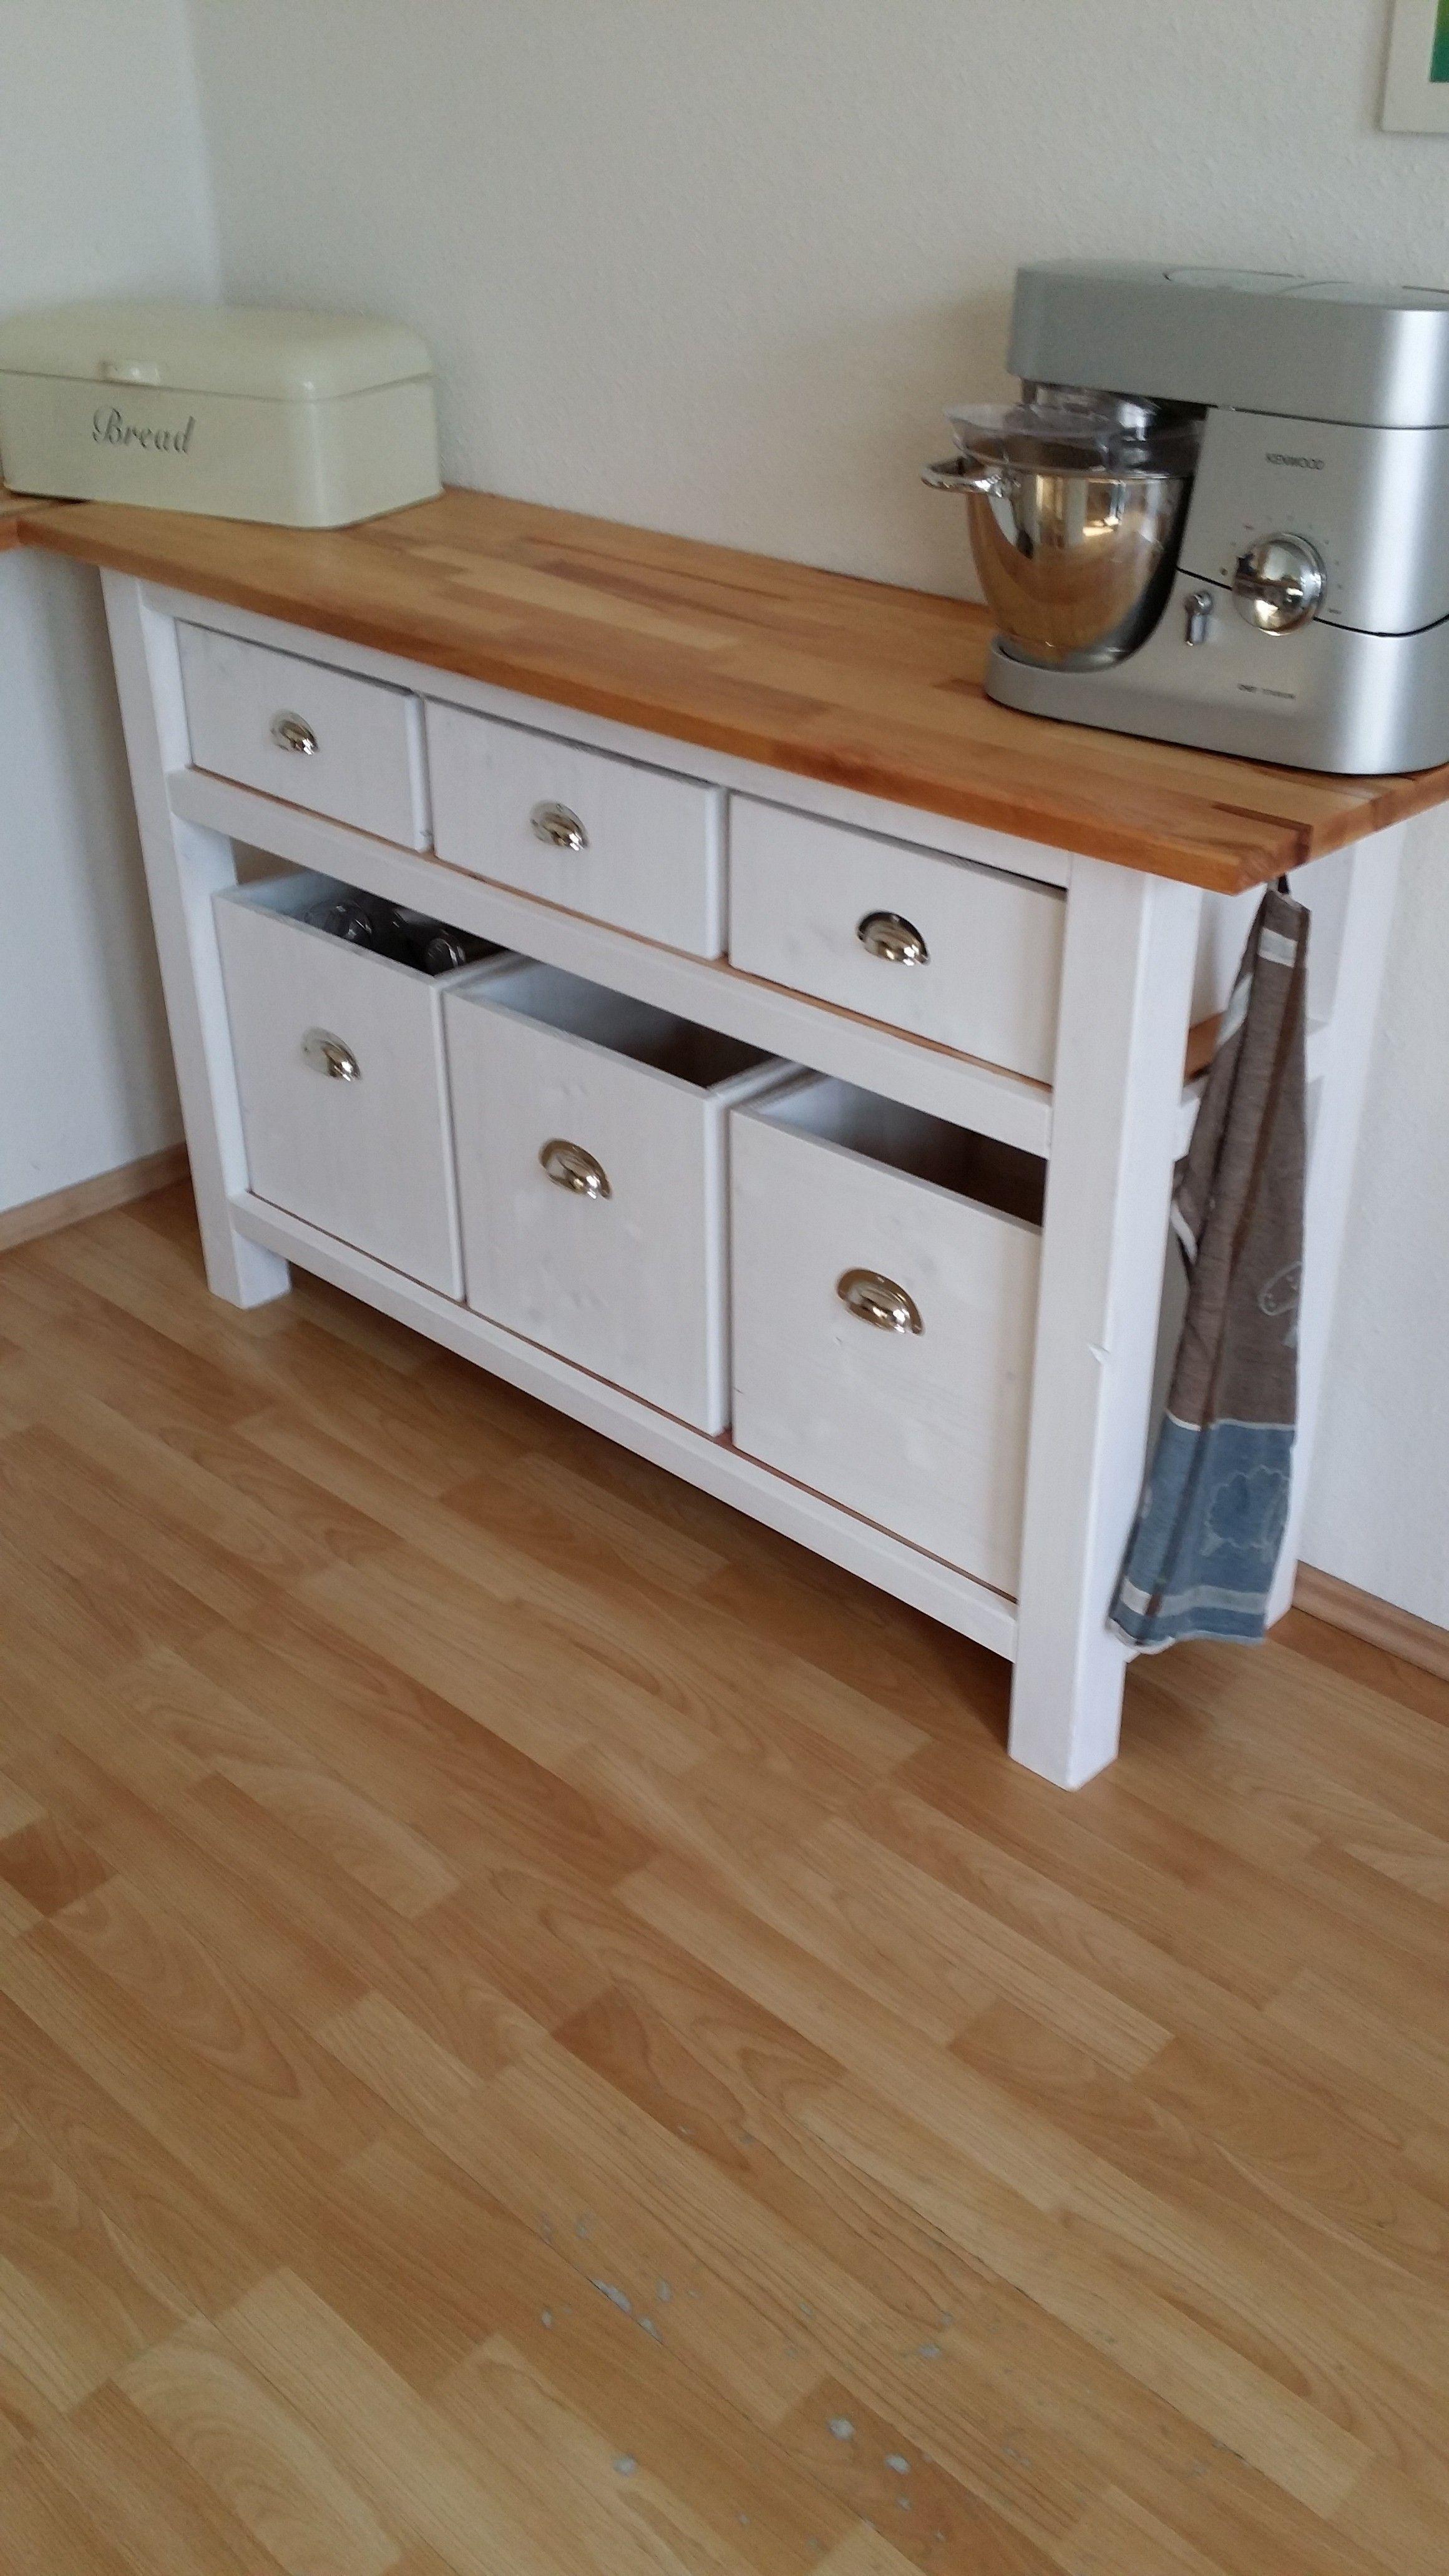 Küchenschrank Bauanleitung zum selber bauen Heimwerker